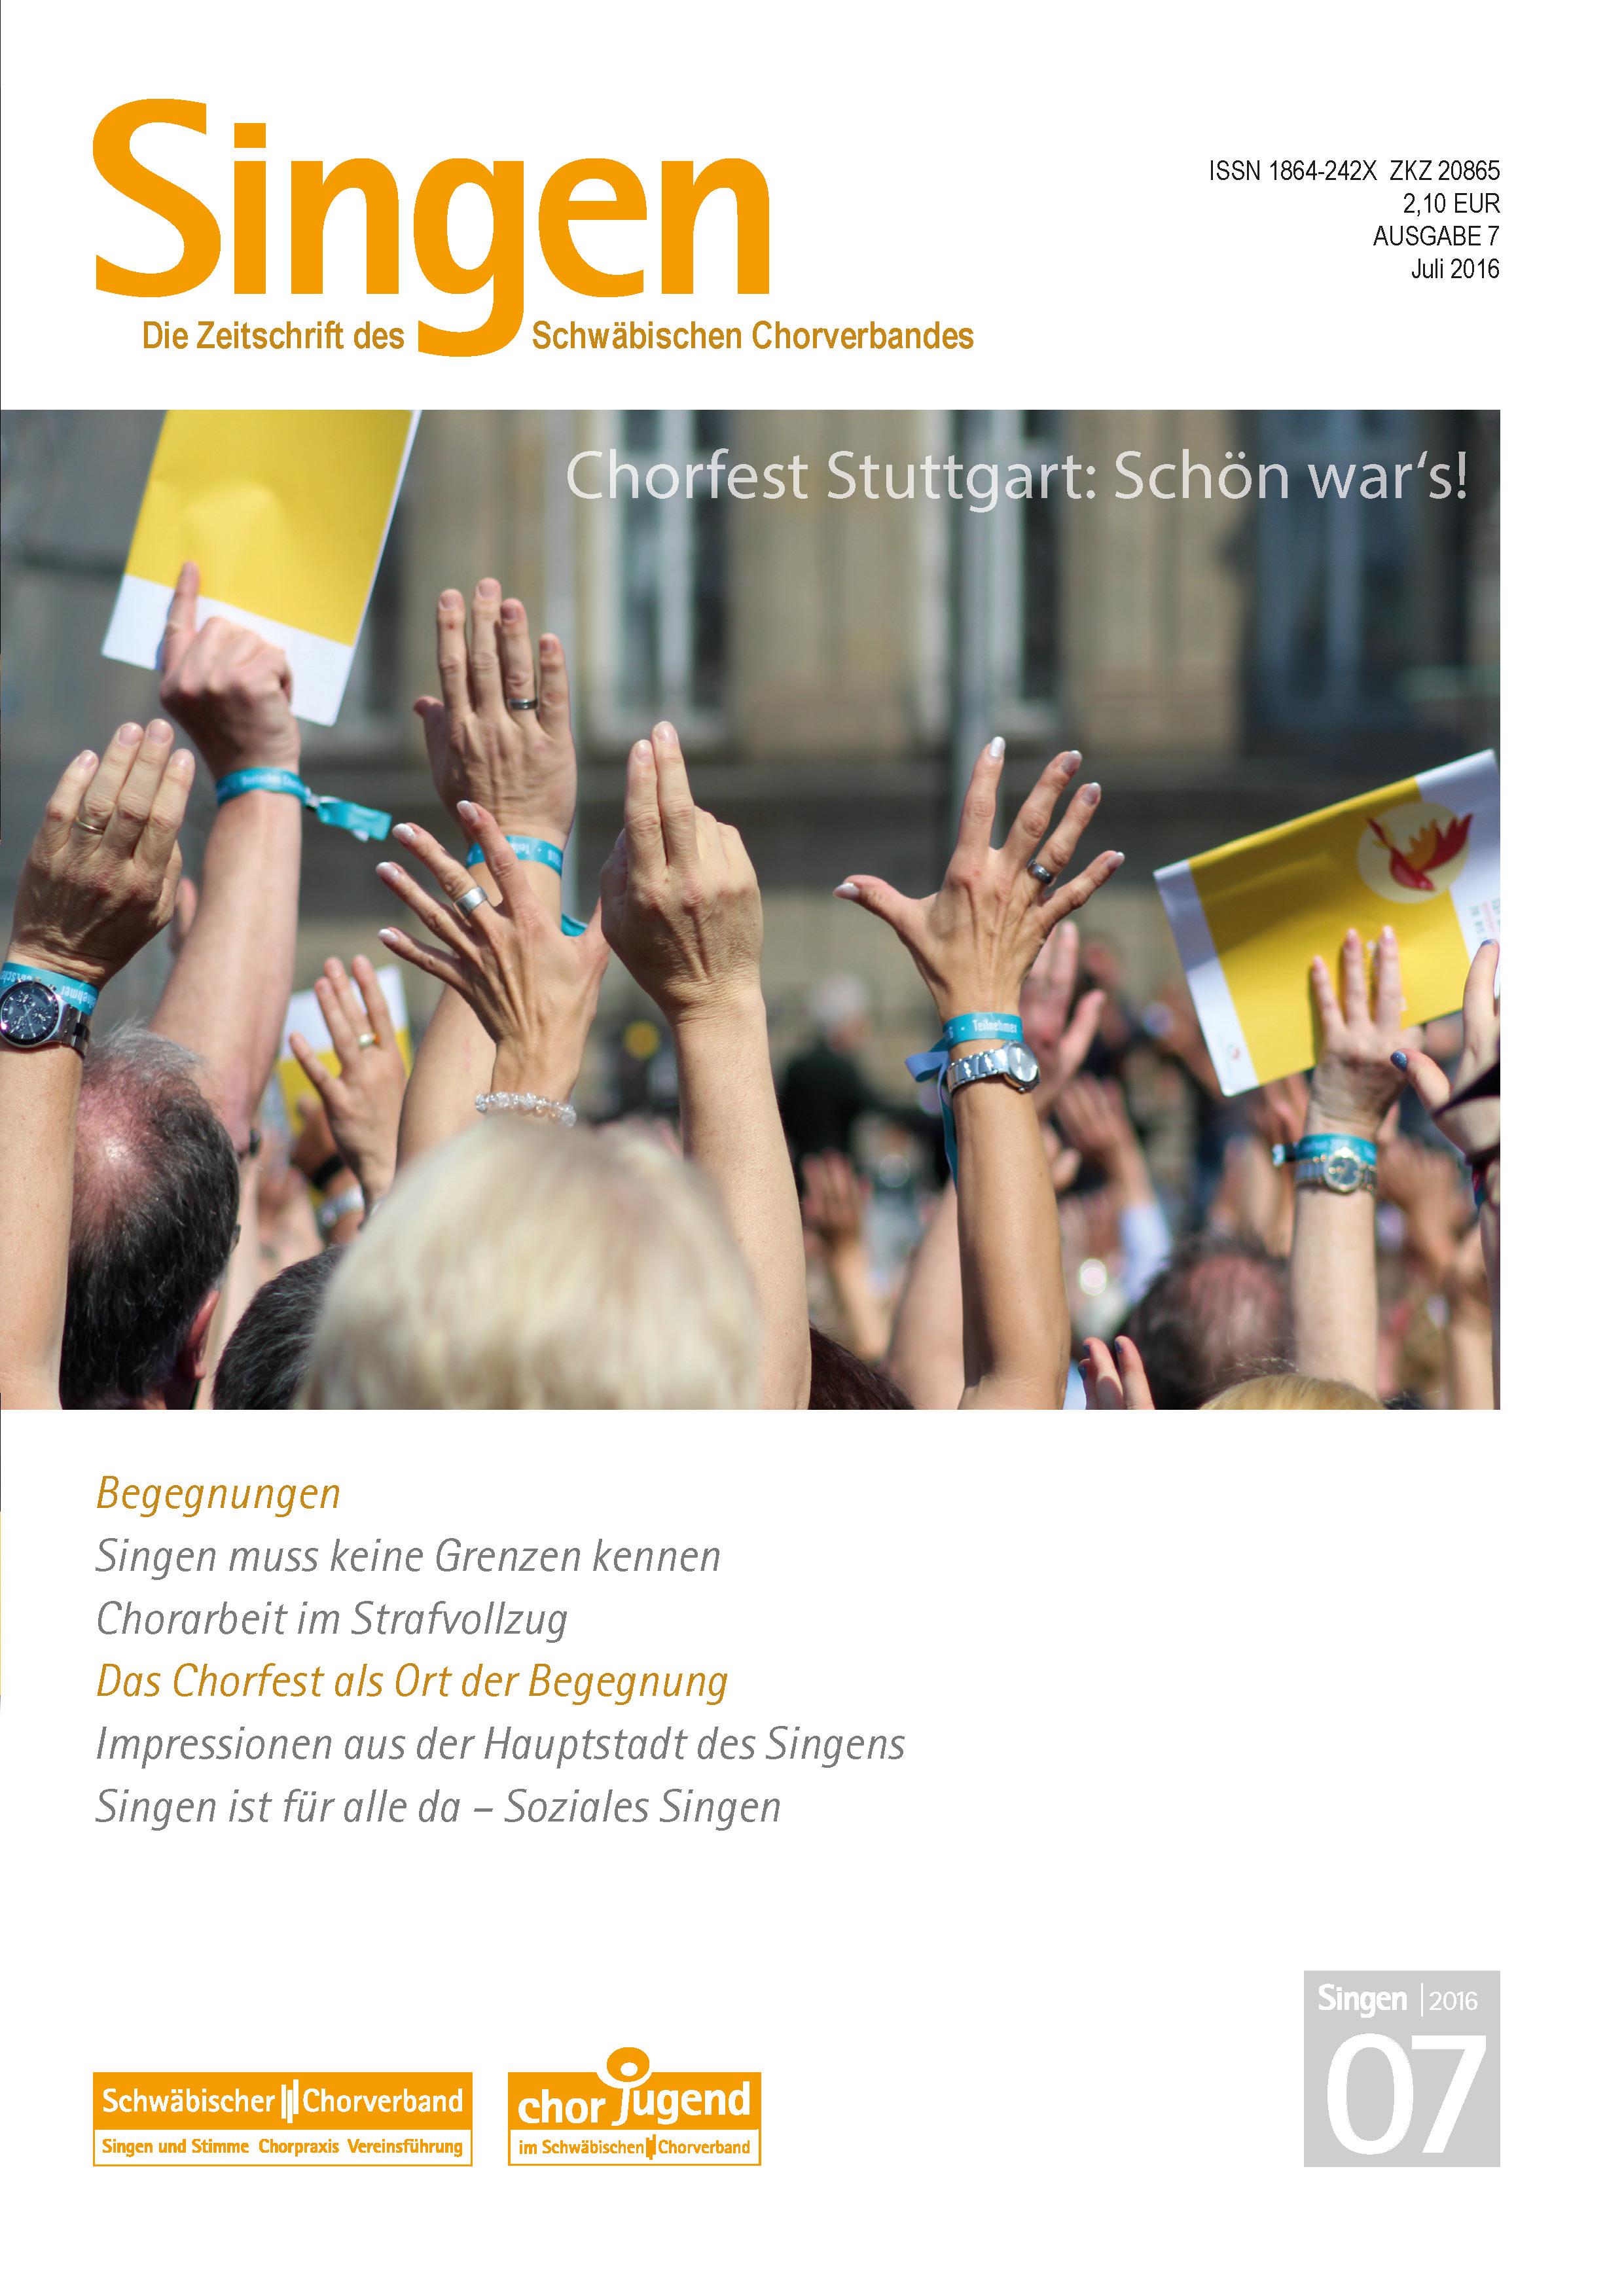 Schwabischer Chorverband